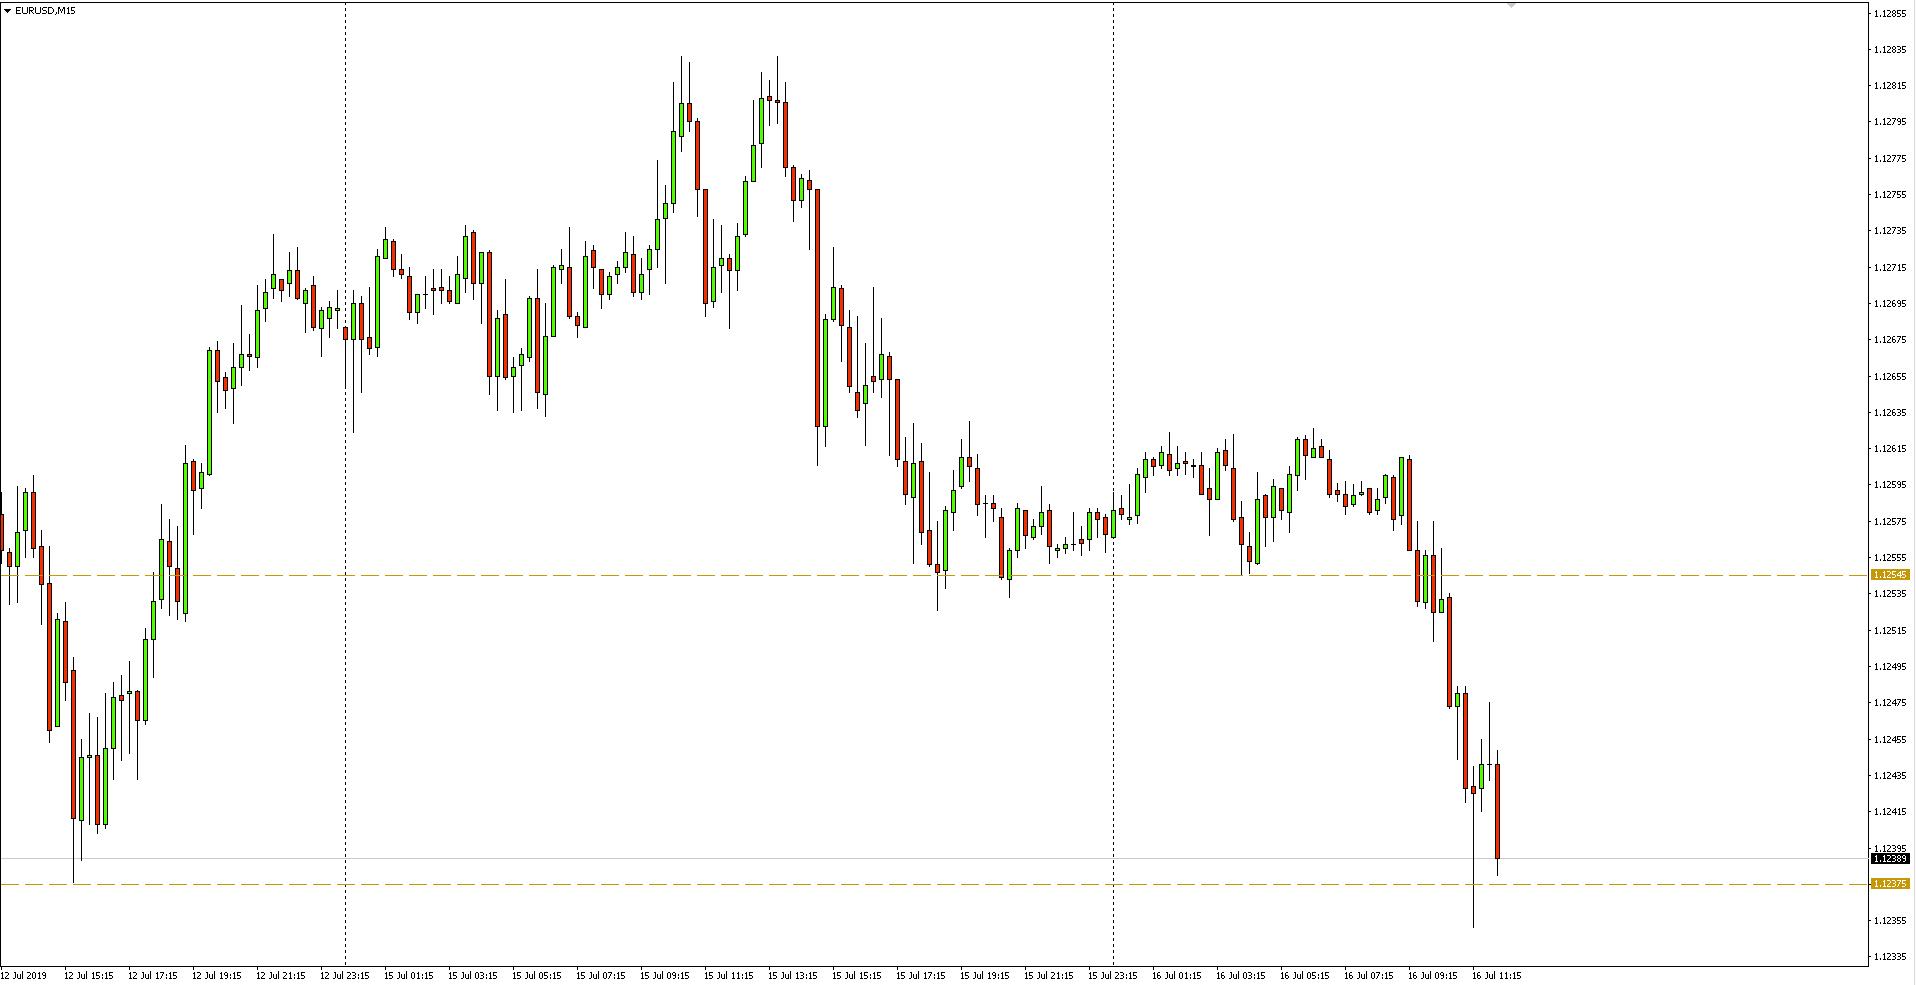 Kurs euro do dolara - wykres 15-minutowy - 16 lipca 2019